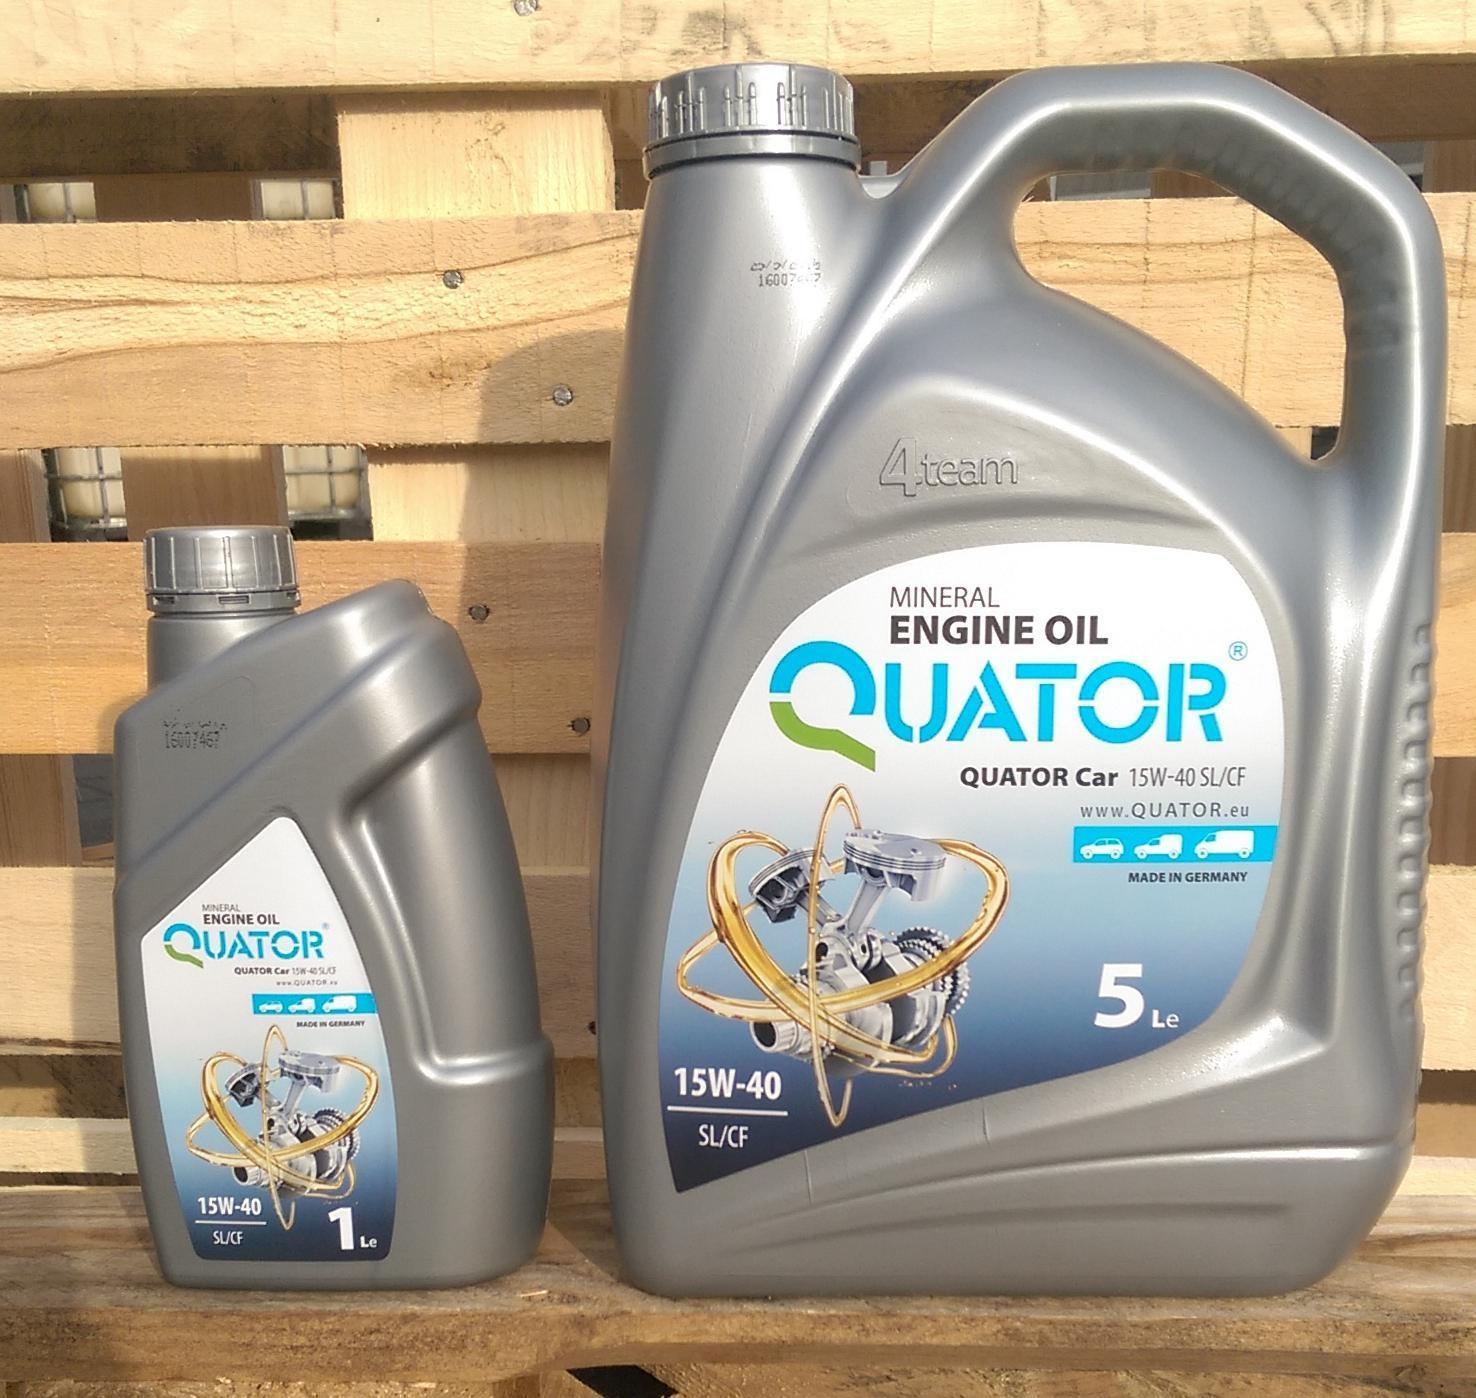 Quator Car New - Nowe Etykiety na produktach z linii Quator Car